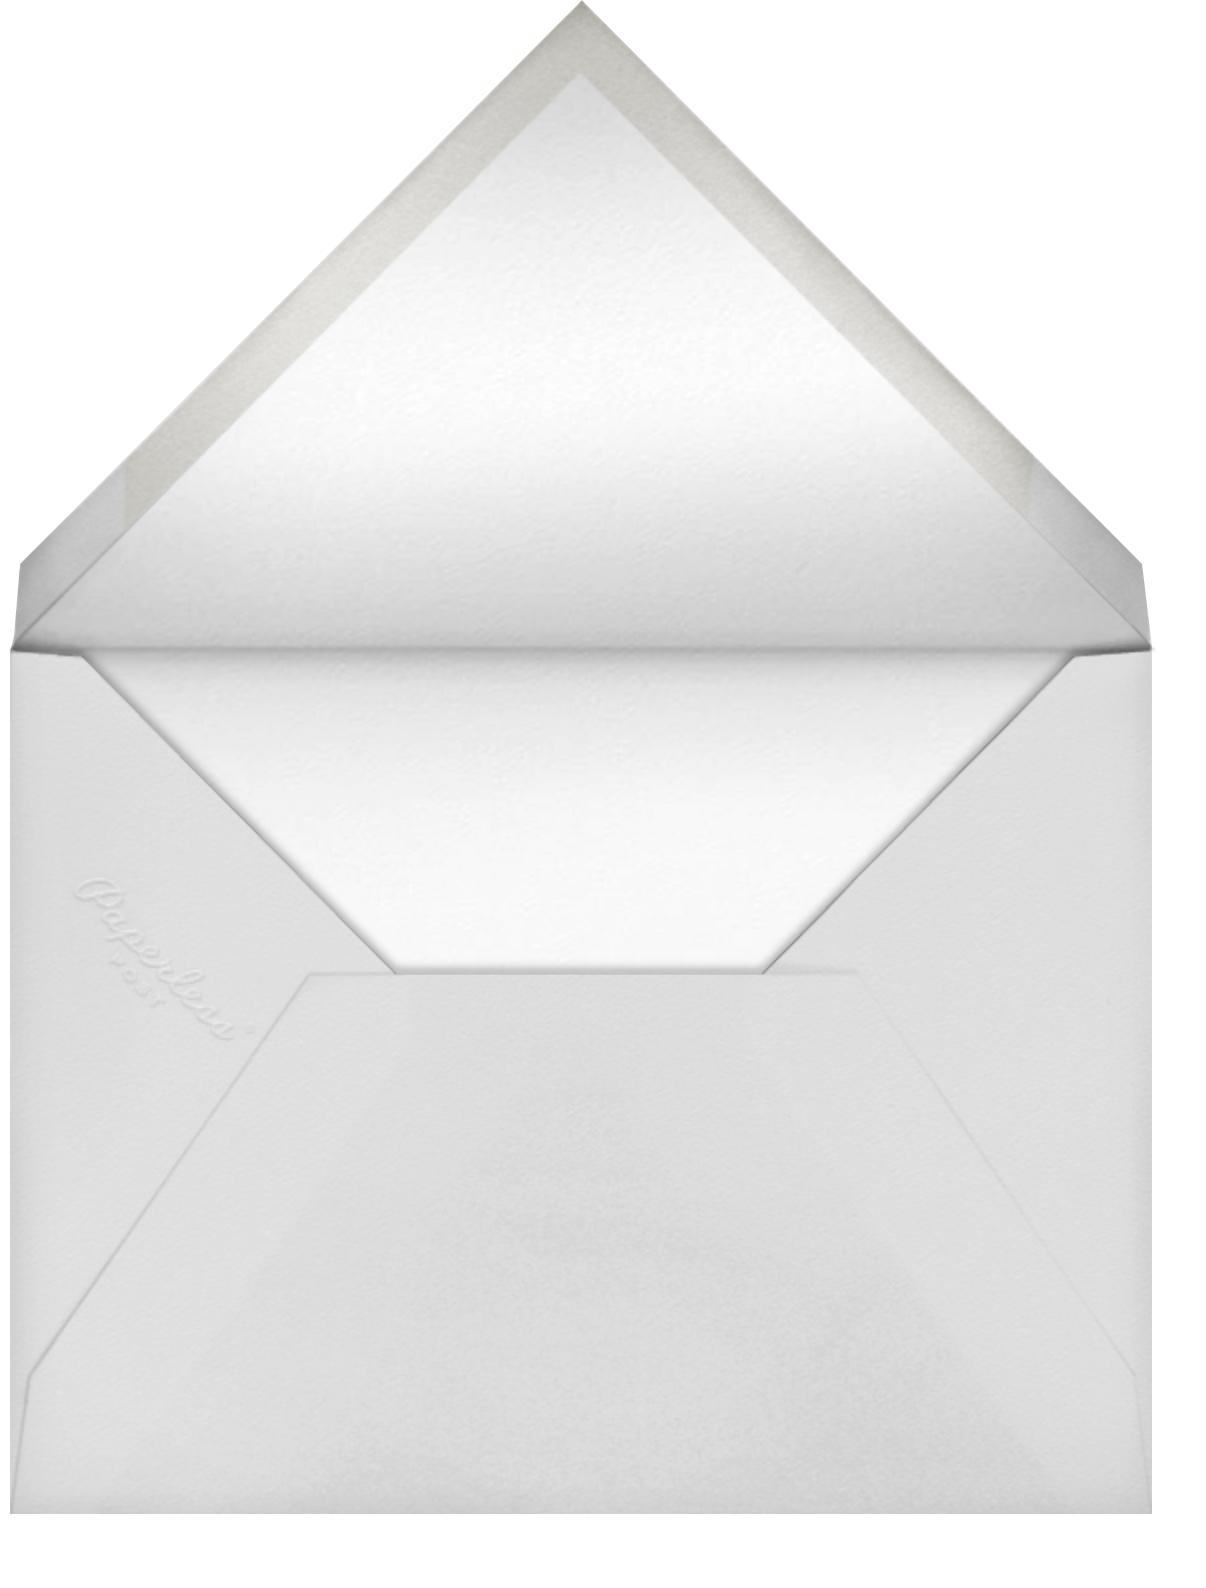 Kumquat Square - Paperless Post - null - envelope back